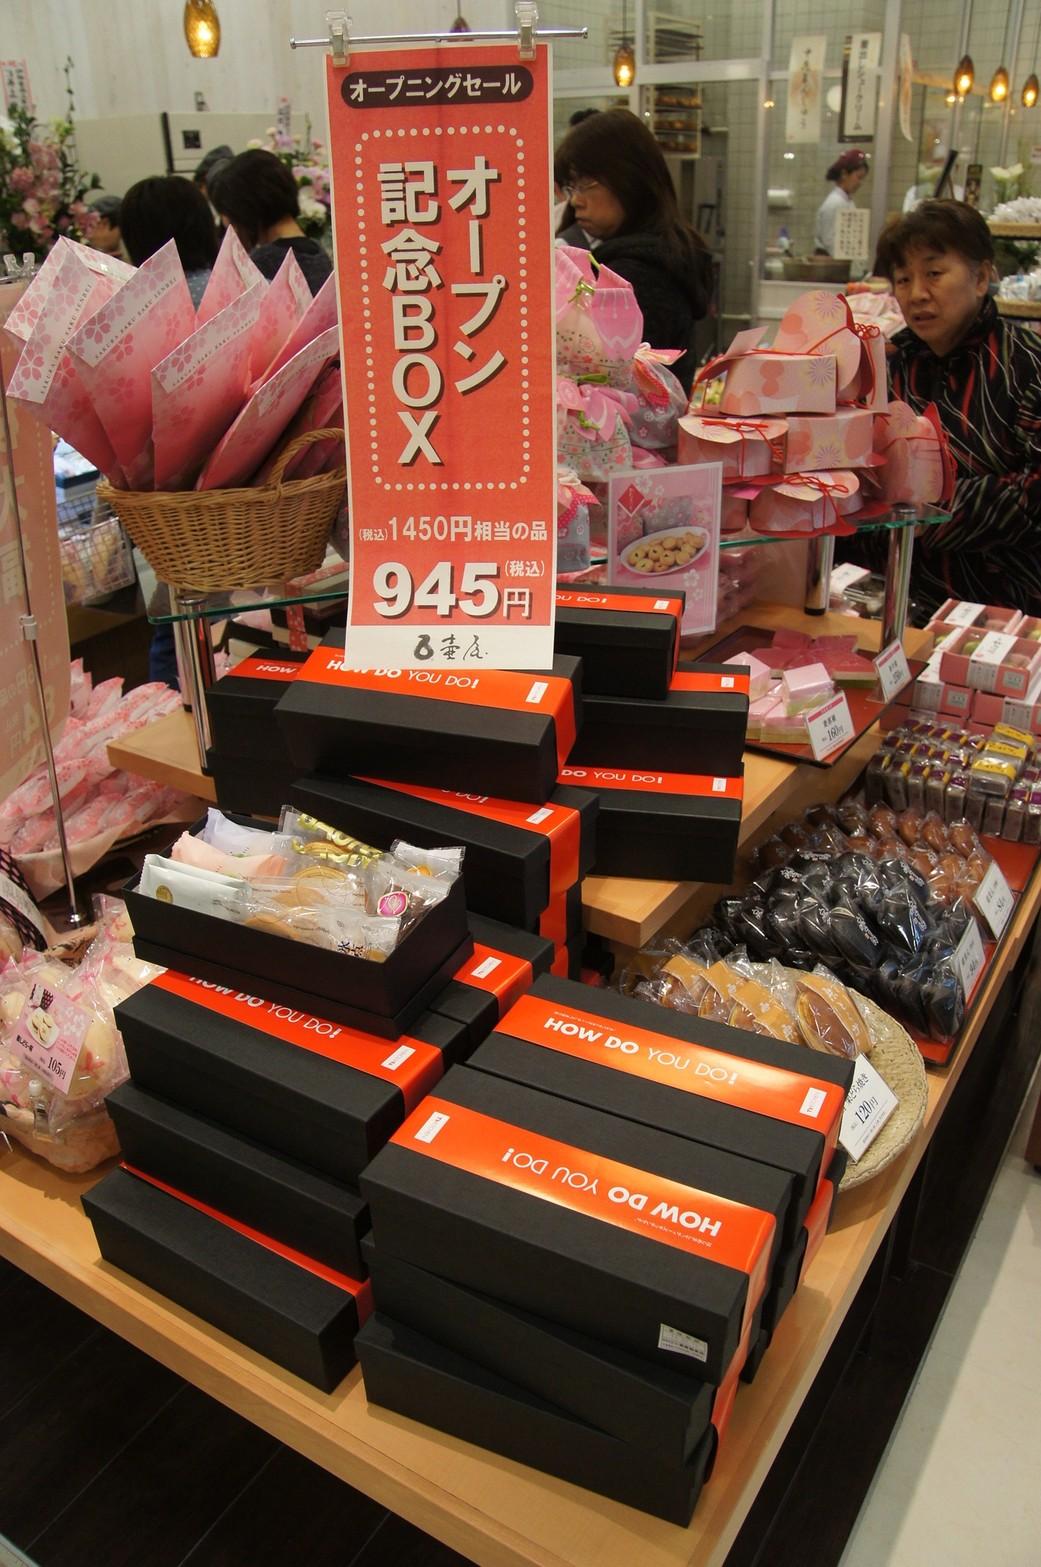 壺屋ティーズキッチン アリオ札幌店